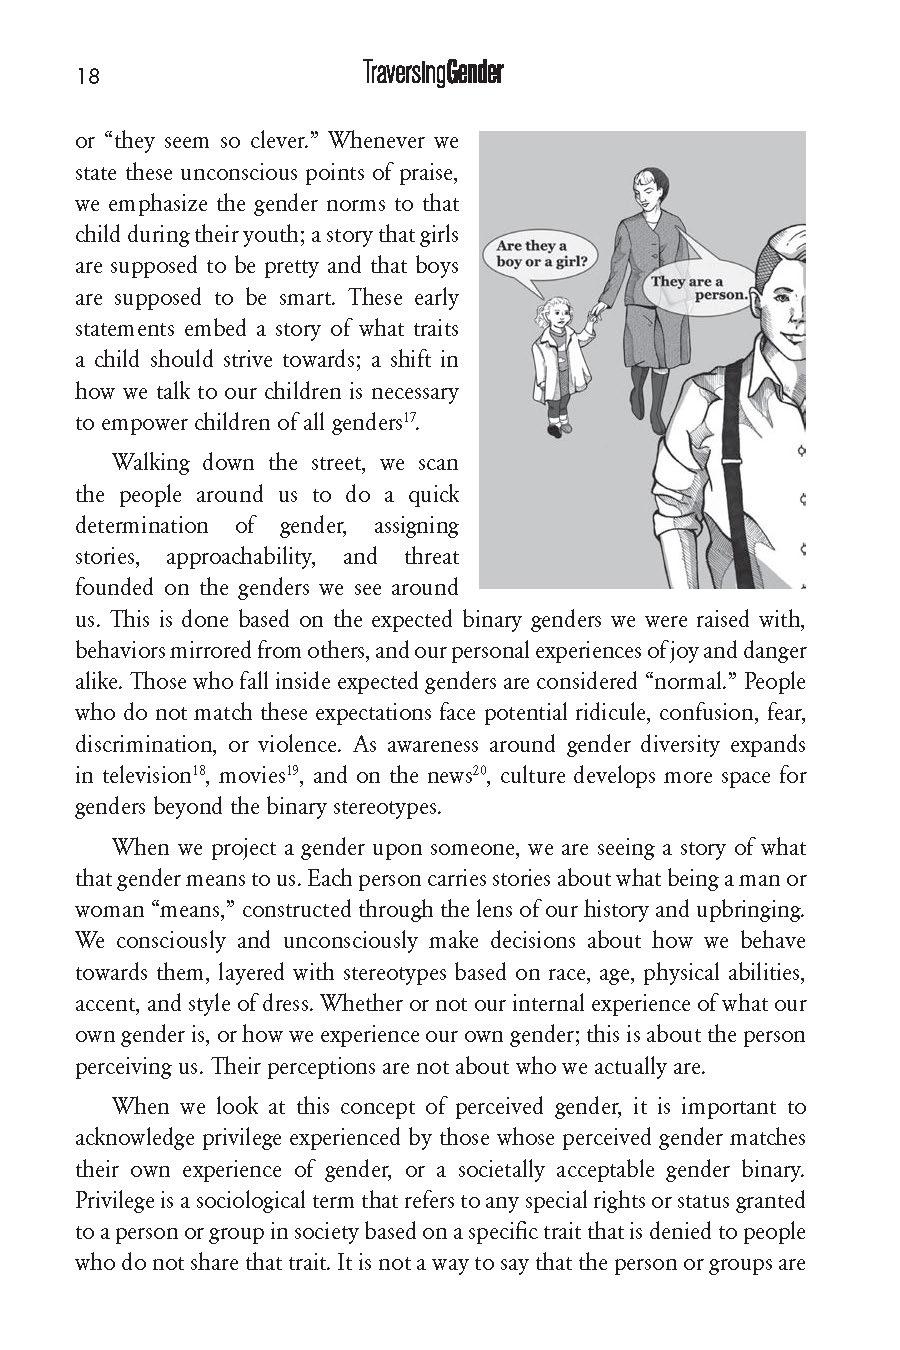 from Dilan understanding transgender